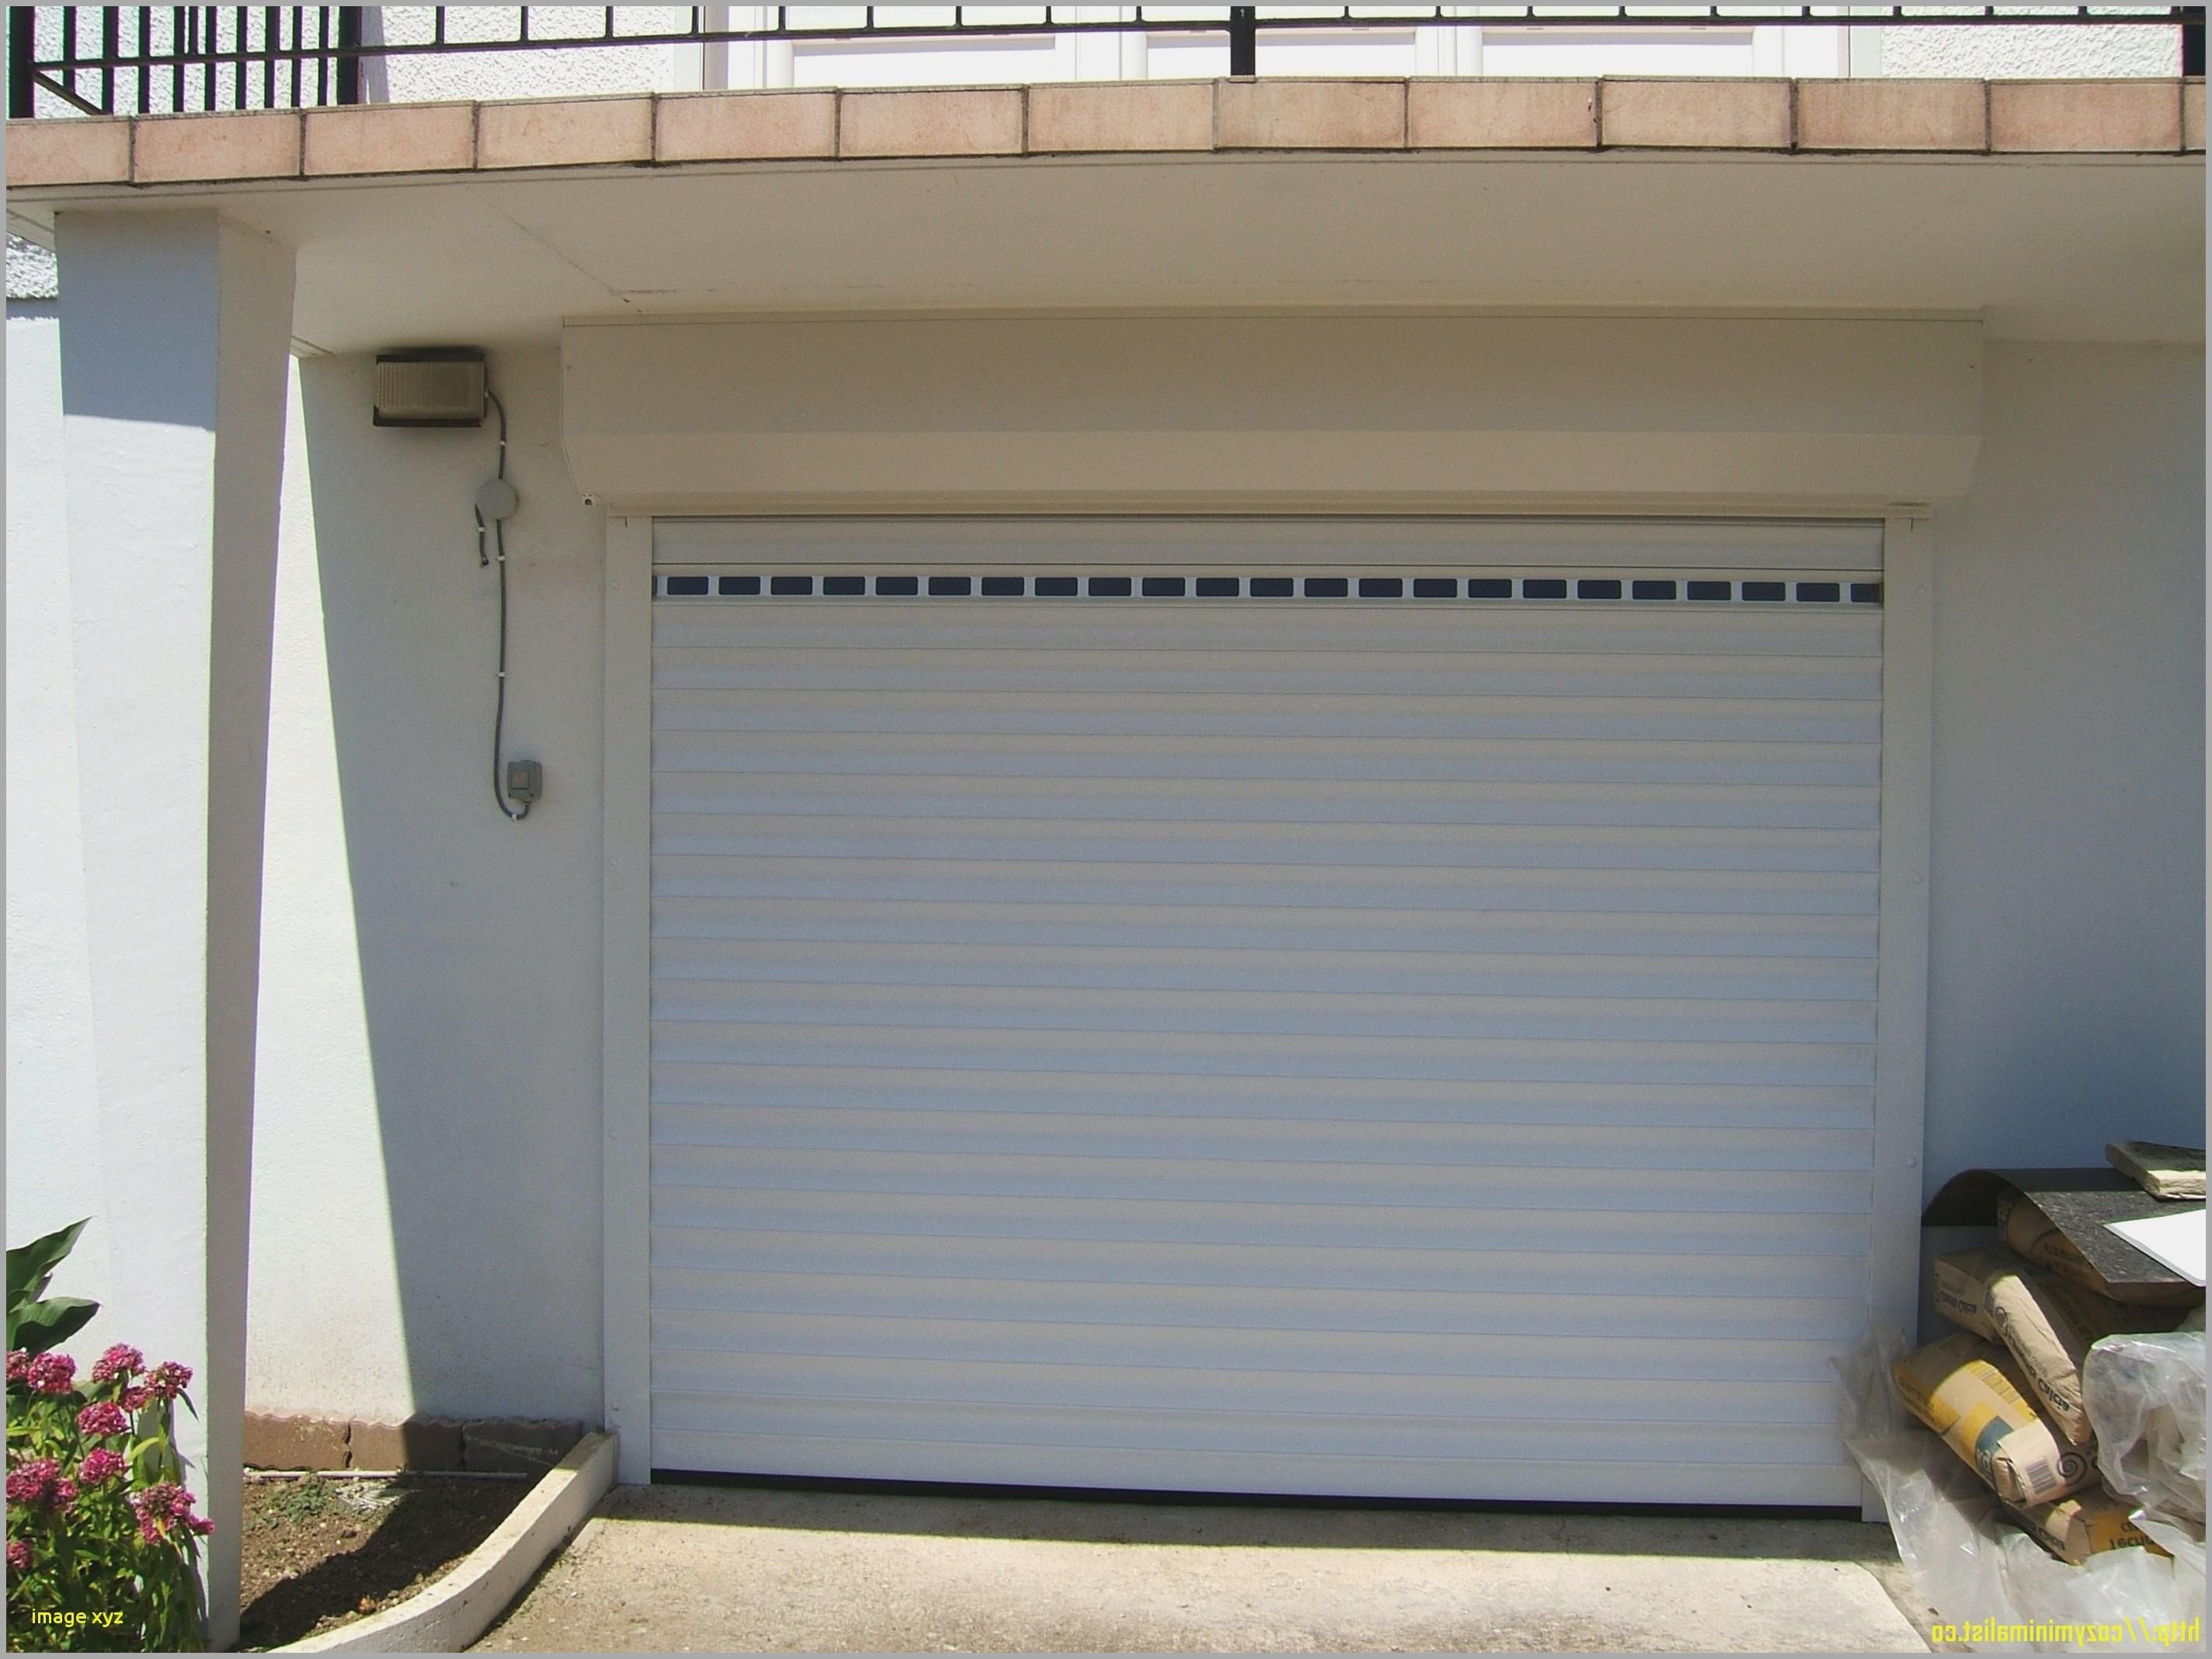 Prix porte de garage enroulable lakal id es de travaux - Prix porte de garage ...